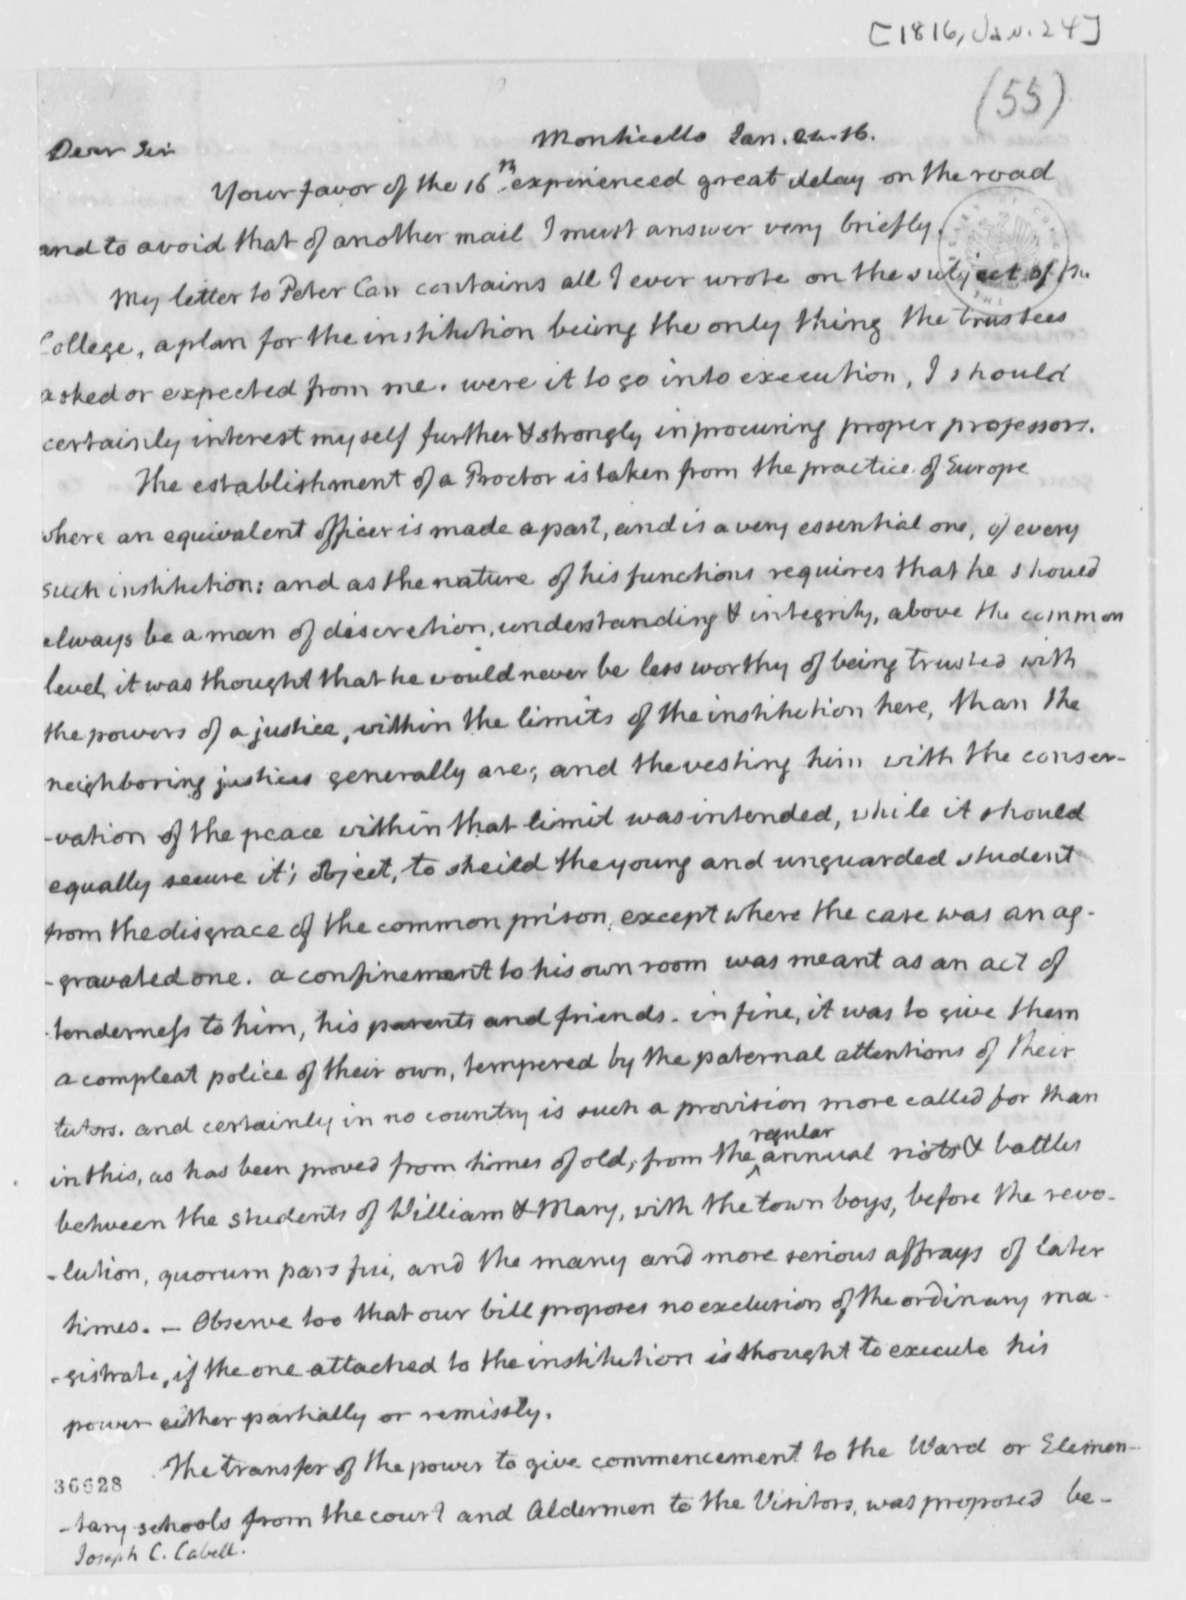 Thomas Jefferson to Joseph C. Cabell, January 24, 1816